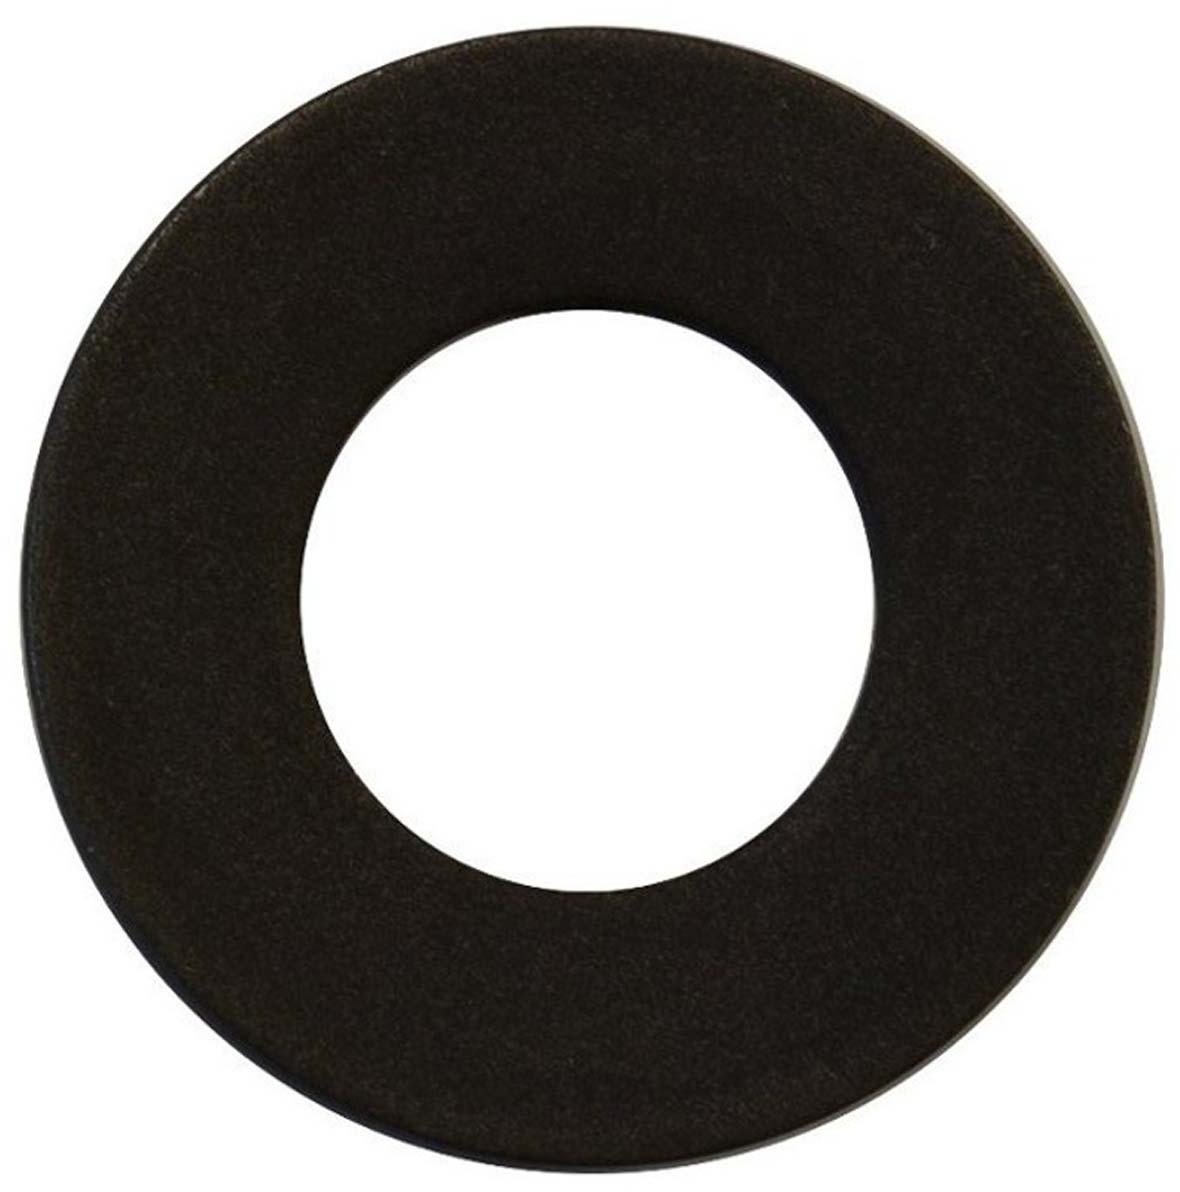 Прокладка резиновая для воды MasterProf, 3/4, 100 шт, MP-пакет прокладка силиконовая masterprof 1 2 100 шт mp пакет